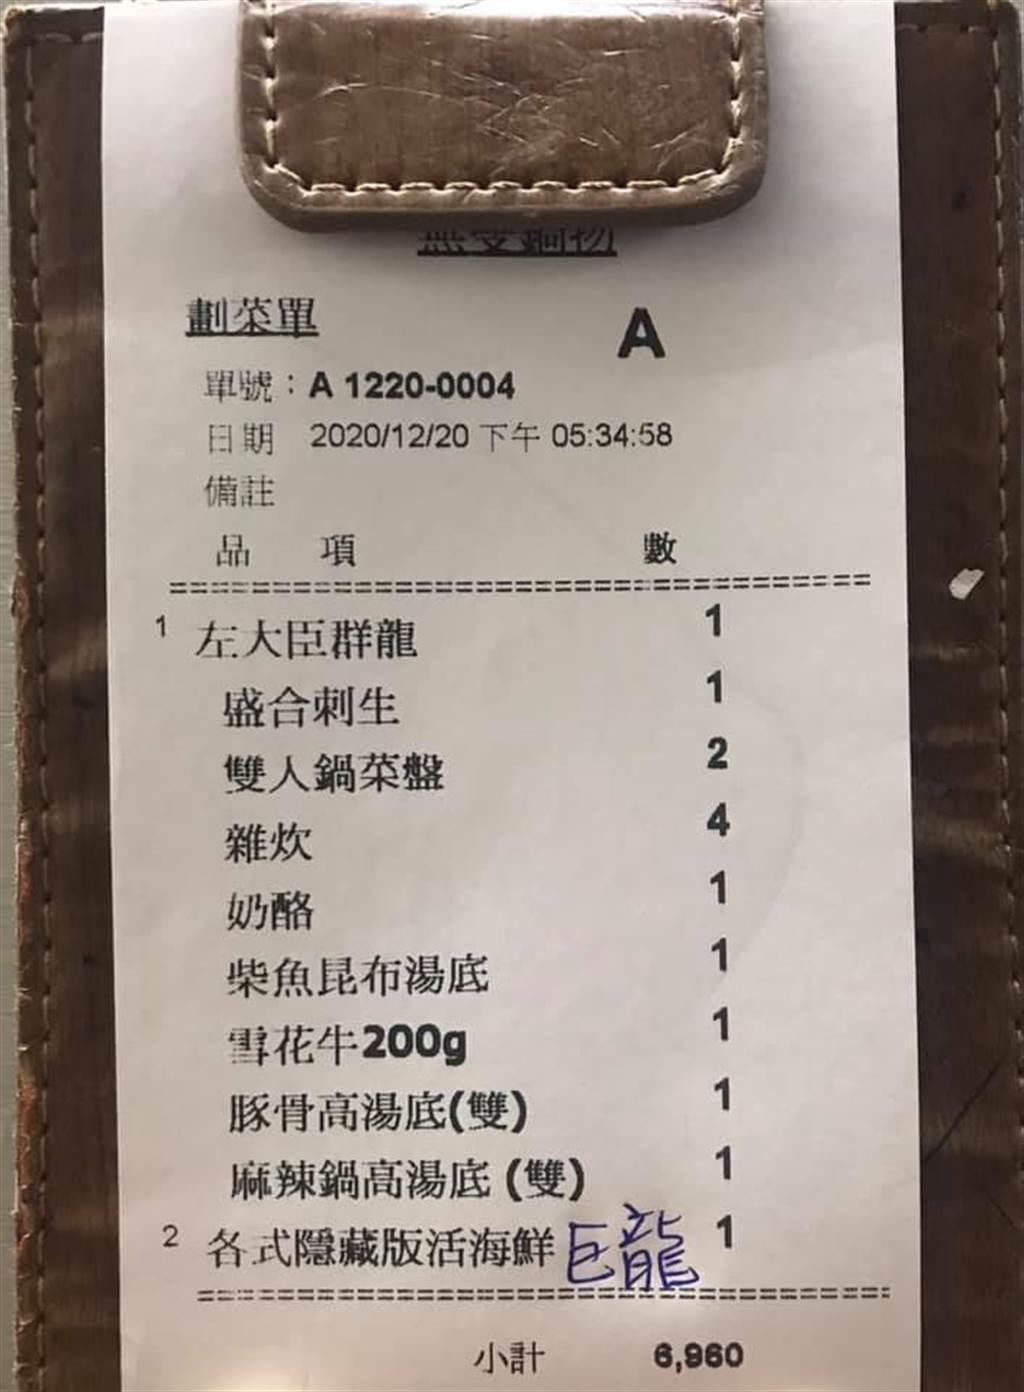 店家表示,基於信任與善良誠意,沒有先跟客人收取訂金,沒想到卻遇客人放鳥,最後只好將近7千元的食材作廢。(摘自爆怨公社)